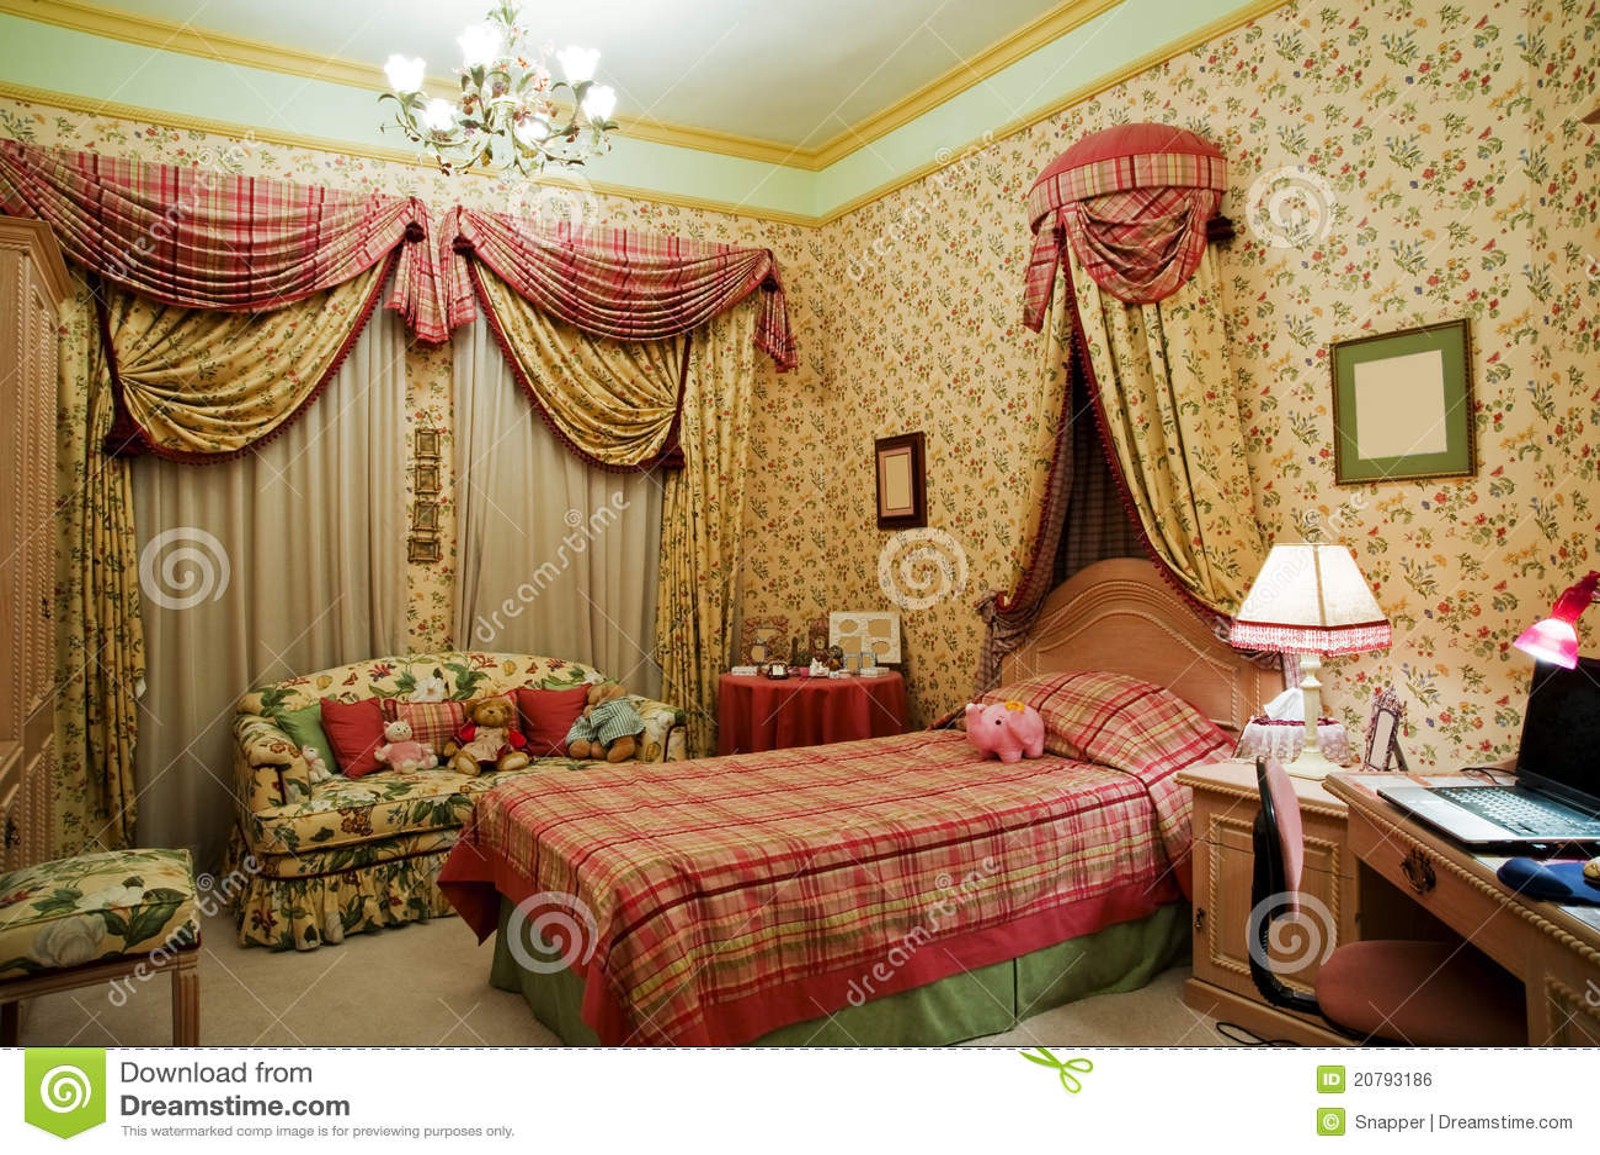 De slaapkamer van meisjes royalty vrije stock afbeelding afbeelding 20793186 - Deco meisjes slaapkamer ...